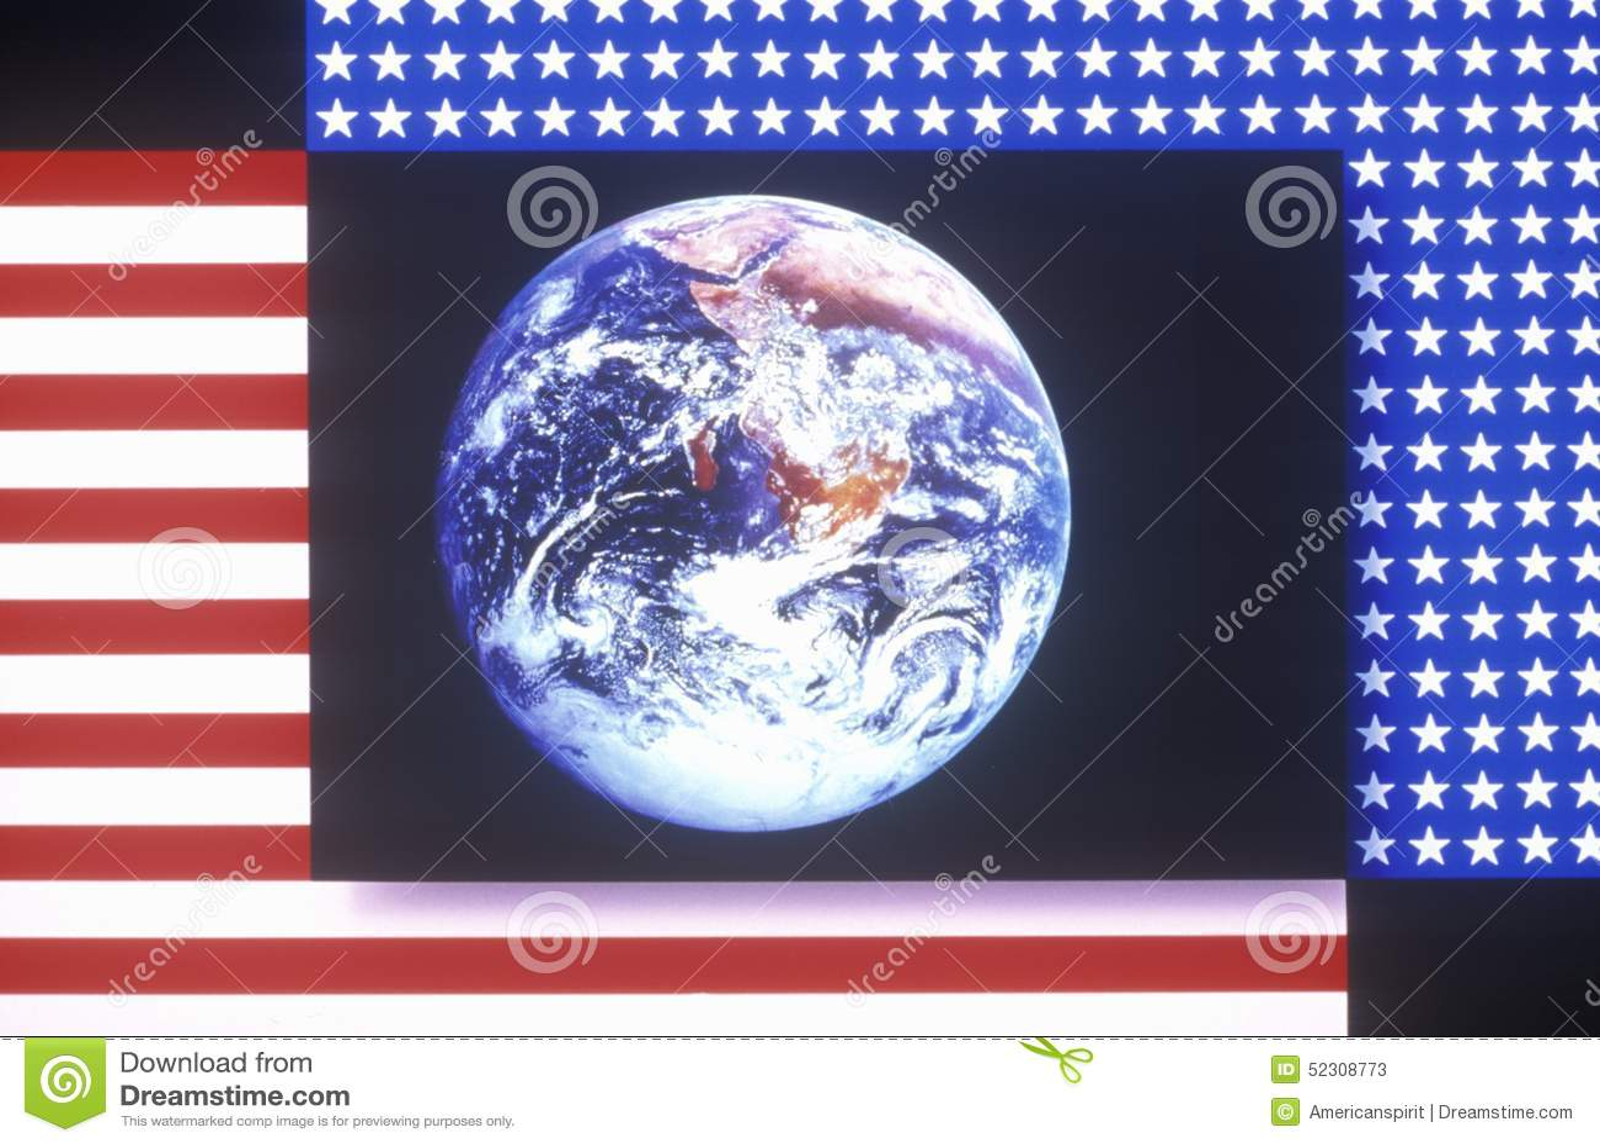 Effetti Speciali Bandiera Americana Ed Il Pianeta Terra Immagine